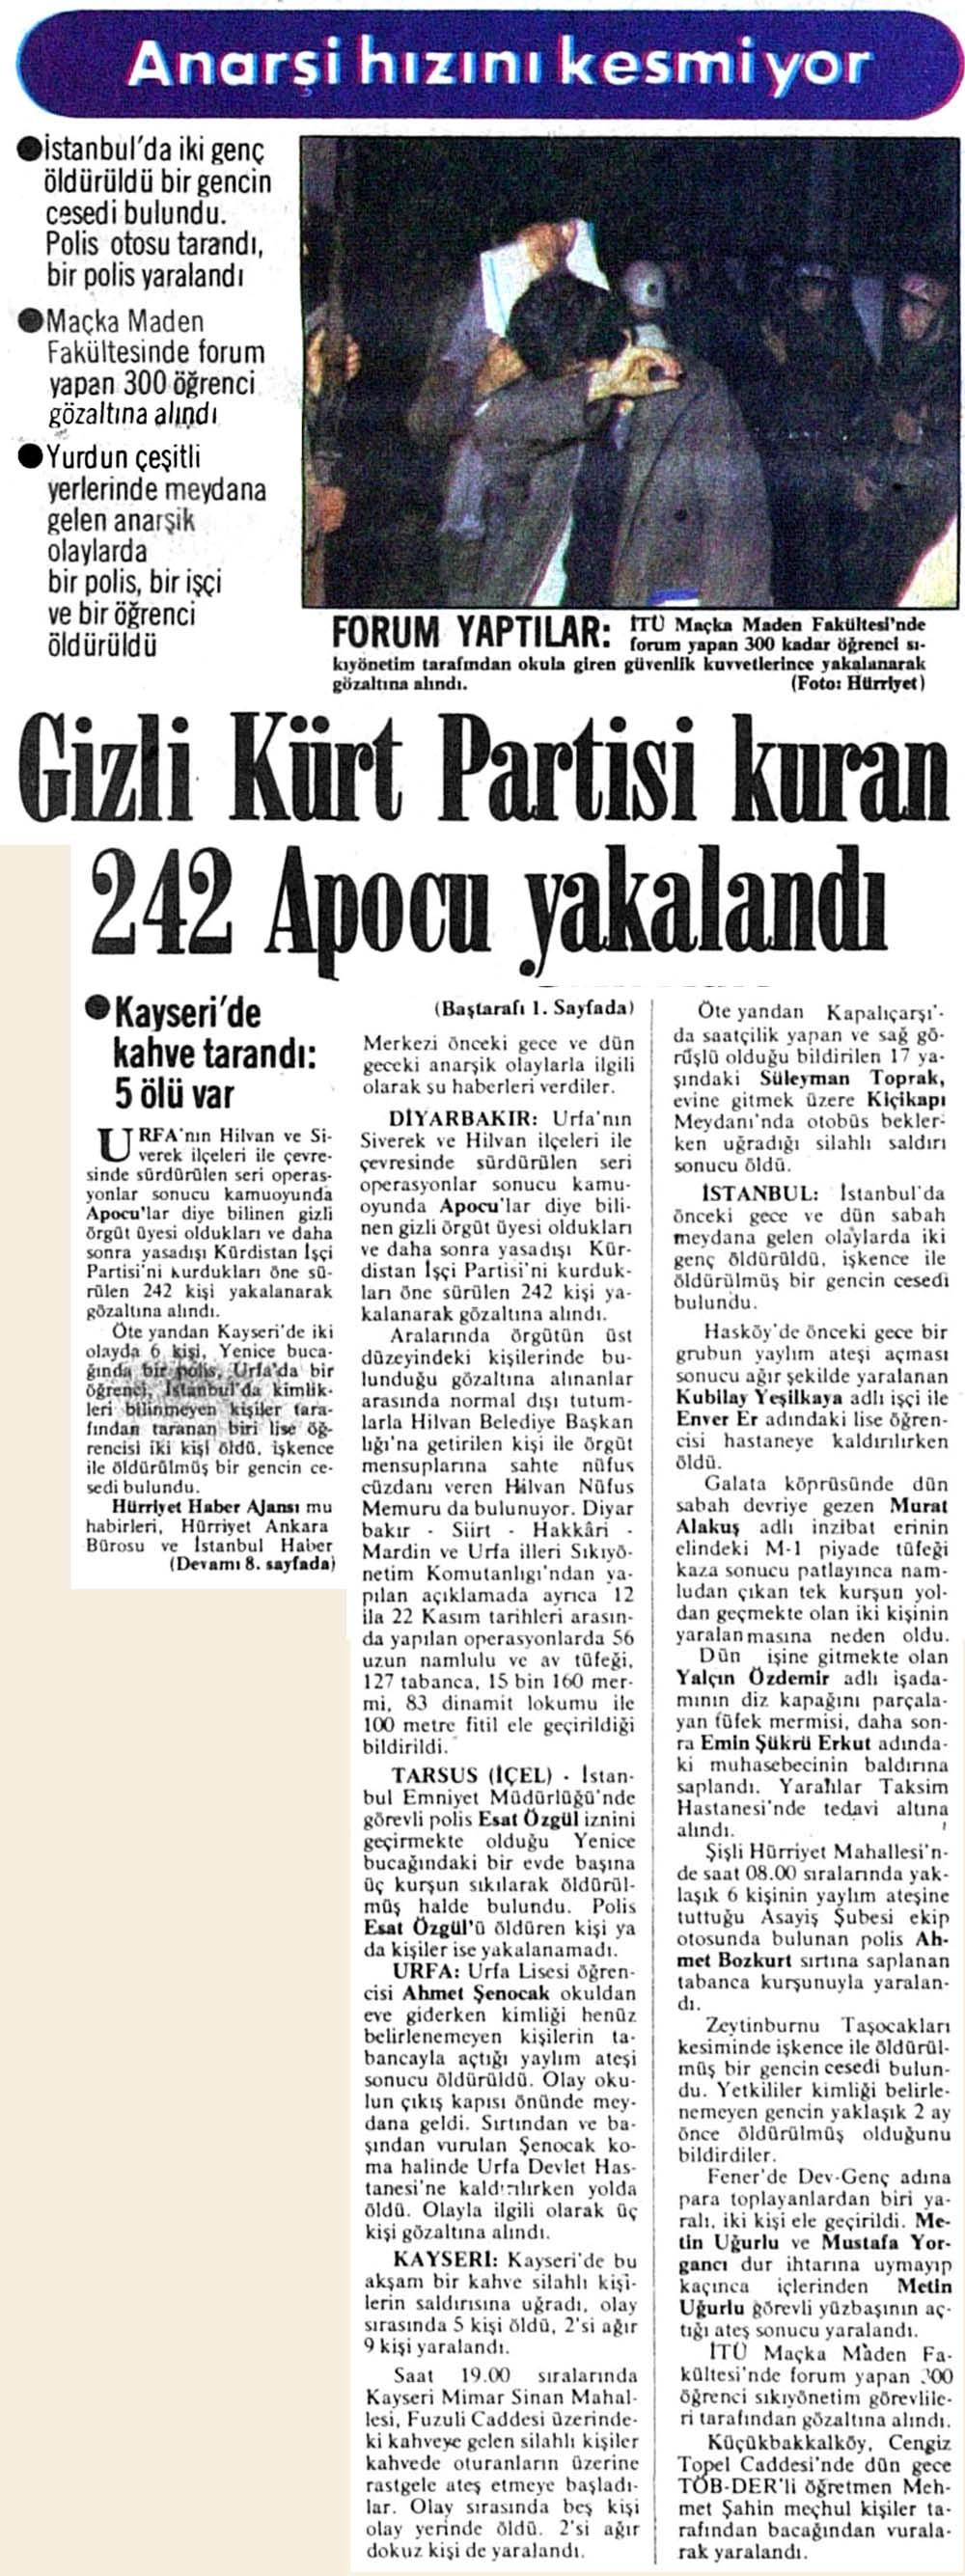 Gizli Kürt Partisi kuran 242 Apocu yakalandı